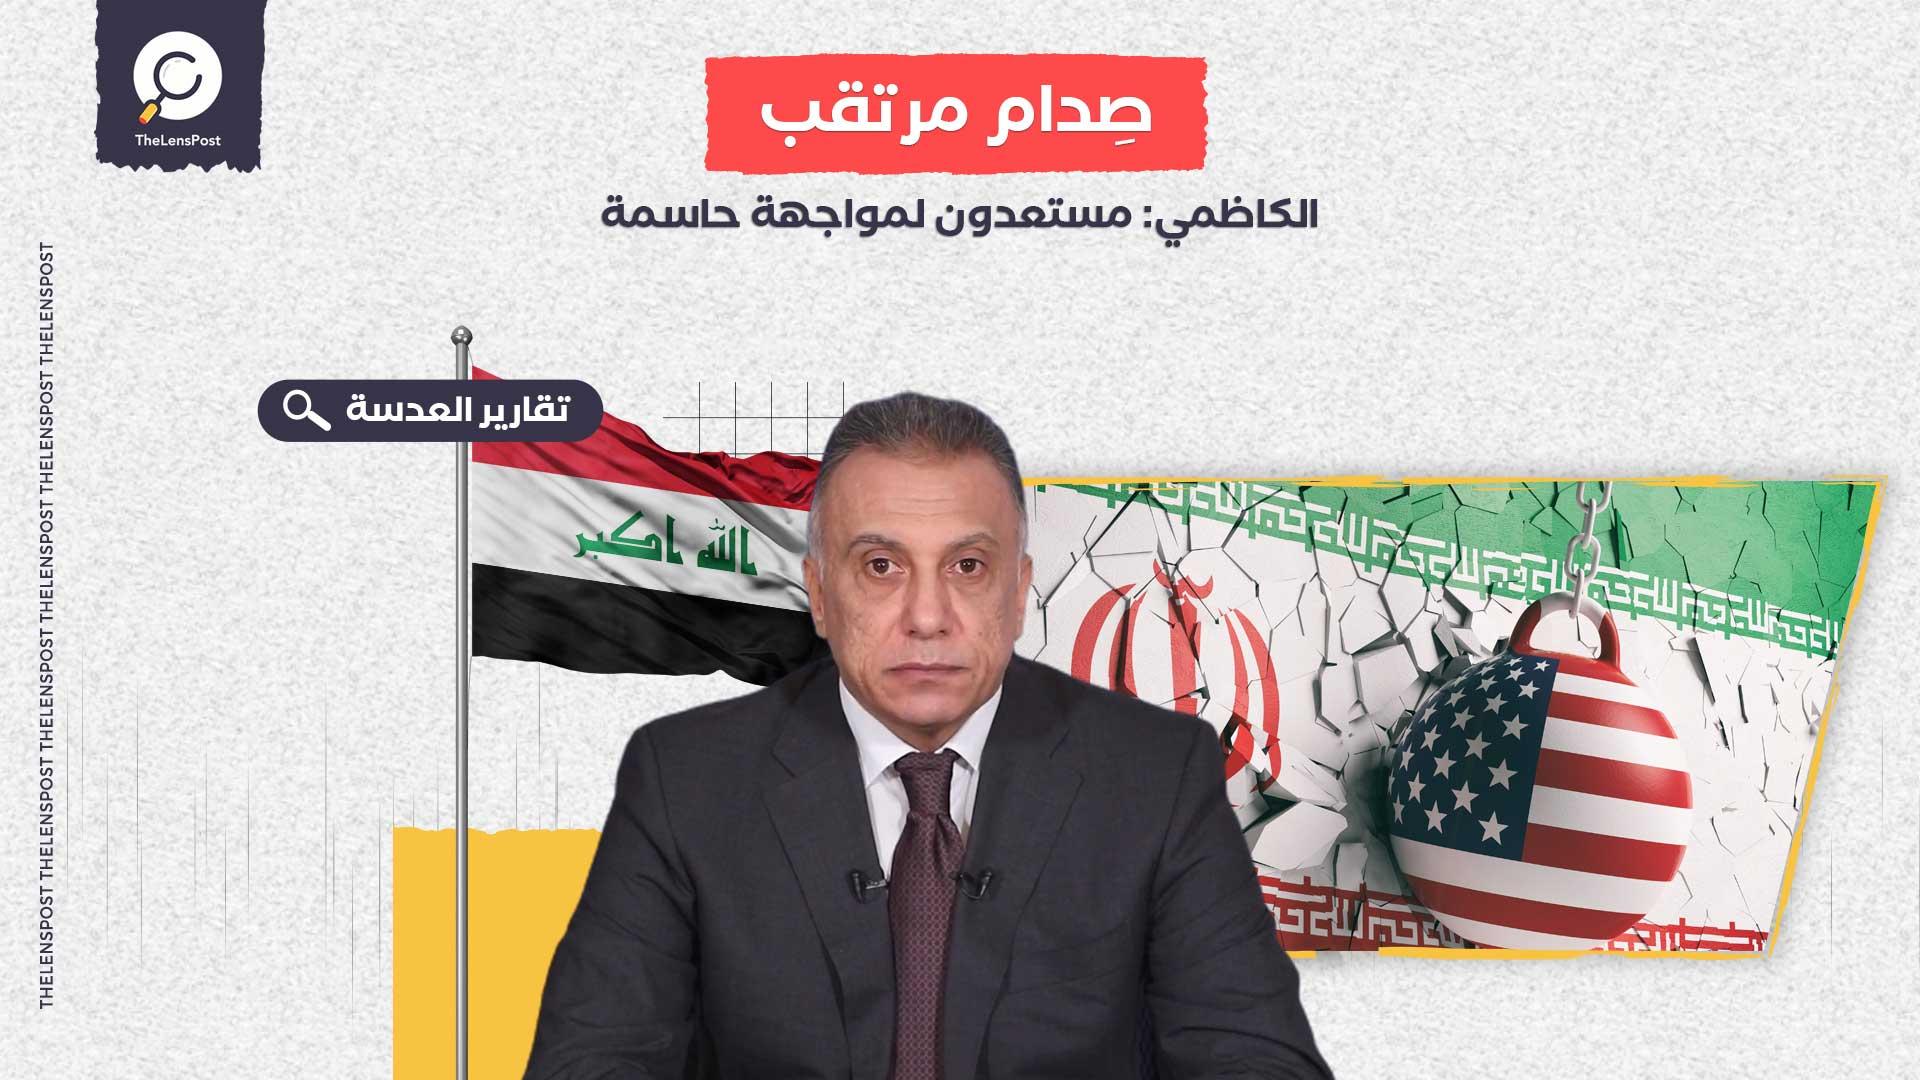 المليشيات تحمل السلاح ضد حكومة بغداد والكاظمي يحذر: مستعدون لمواجهة حاسمة